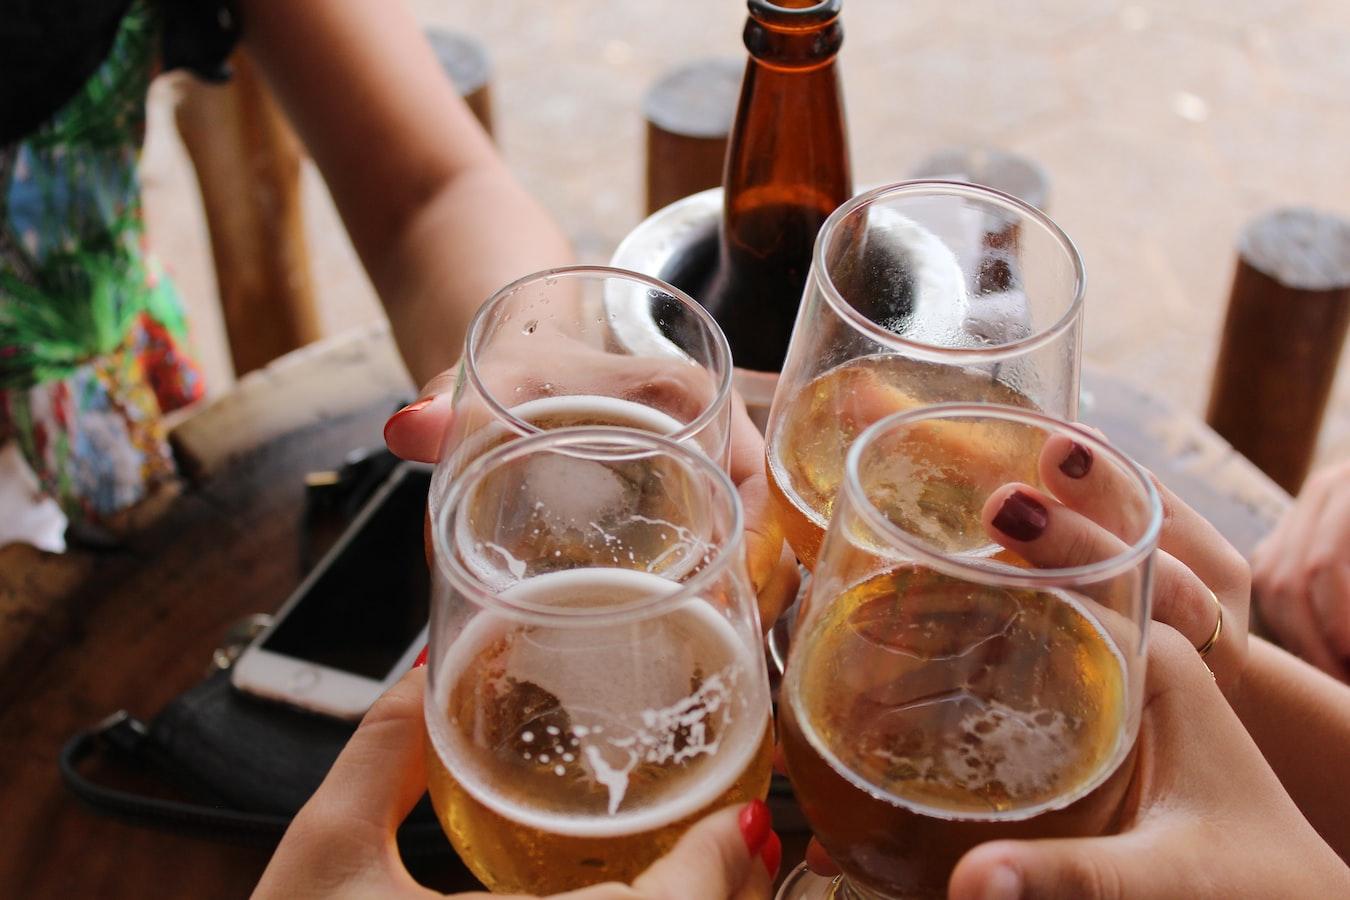 избавиться от алкогольной зависимости